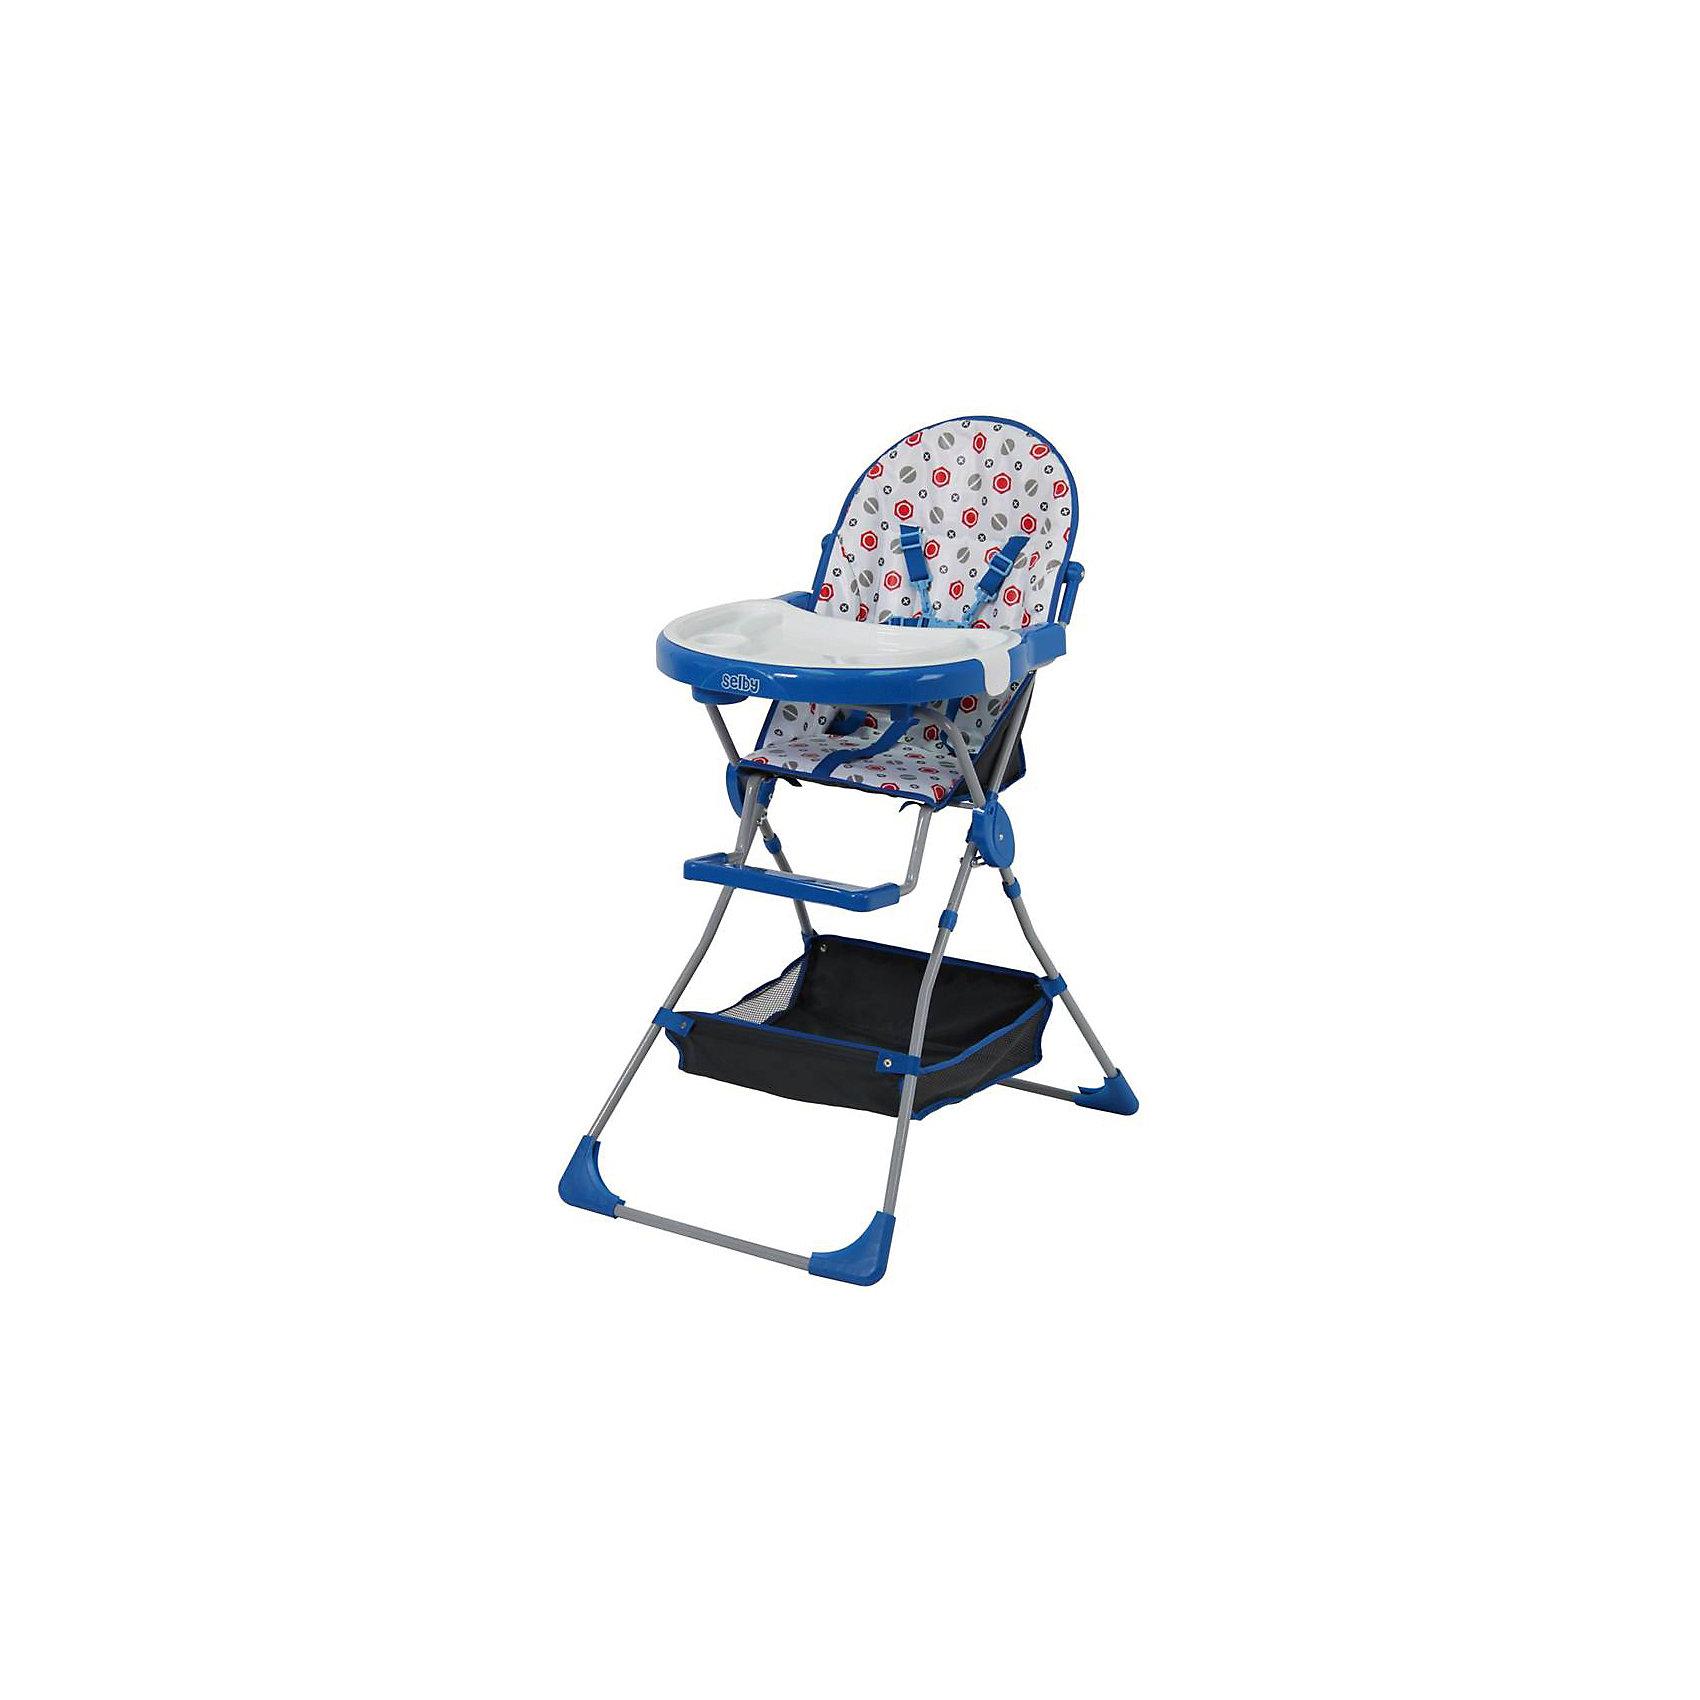 Selby Стульчик для кормления 252 Selby, синий smoby стульчик сидение для ванной cotoons цвет розовый